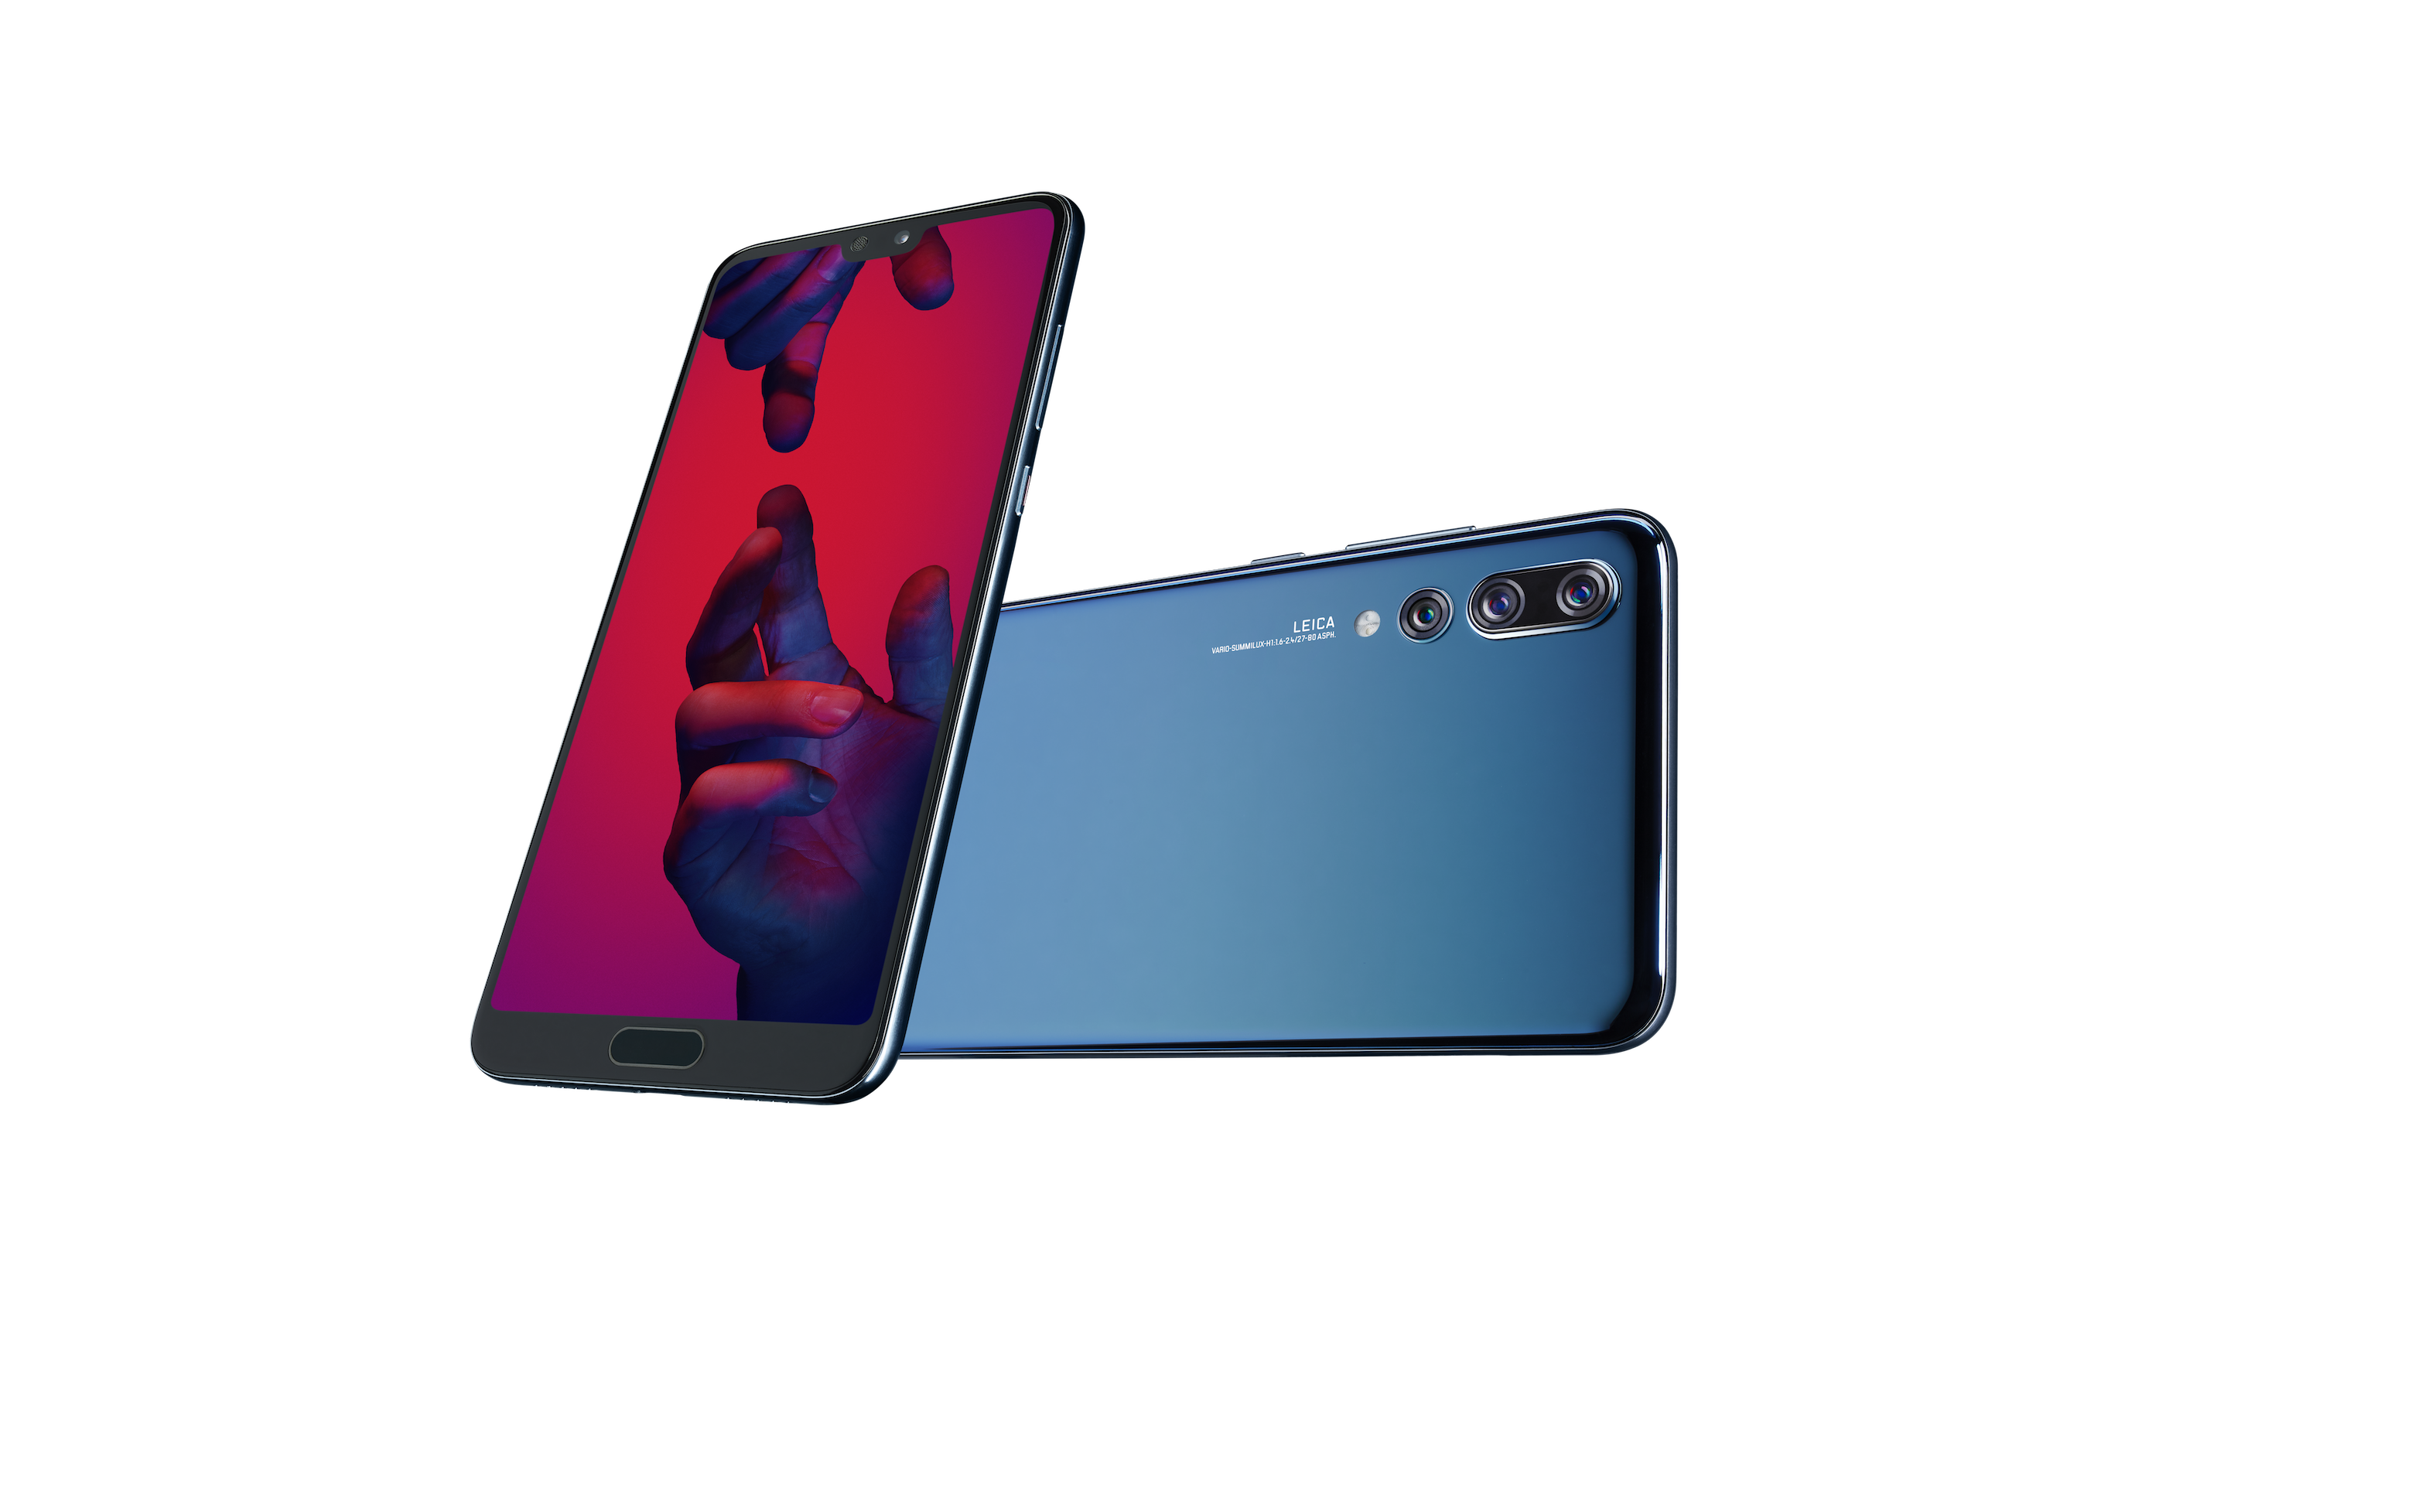 2018 hét jaar van de supersmartphone P20 Pro